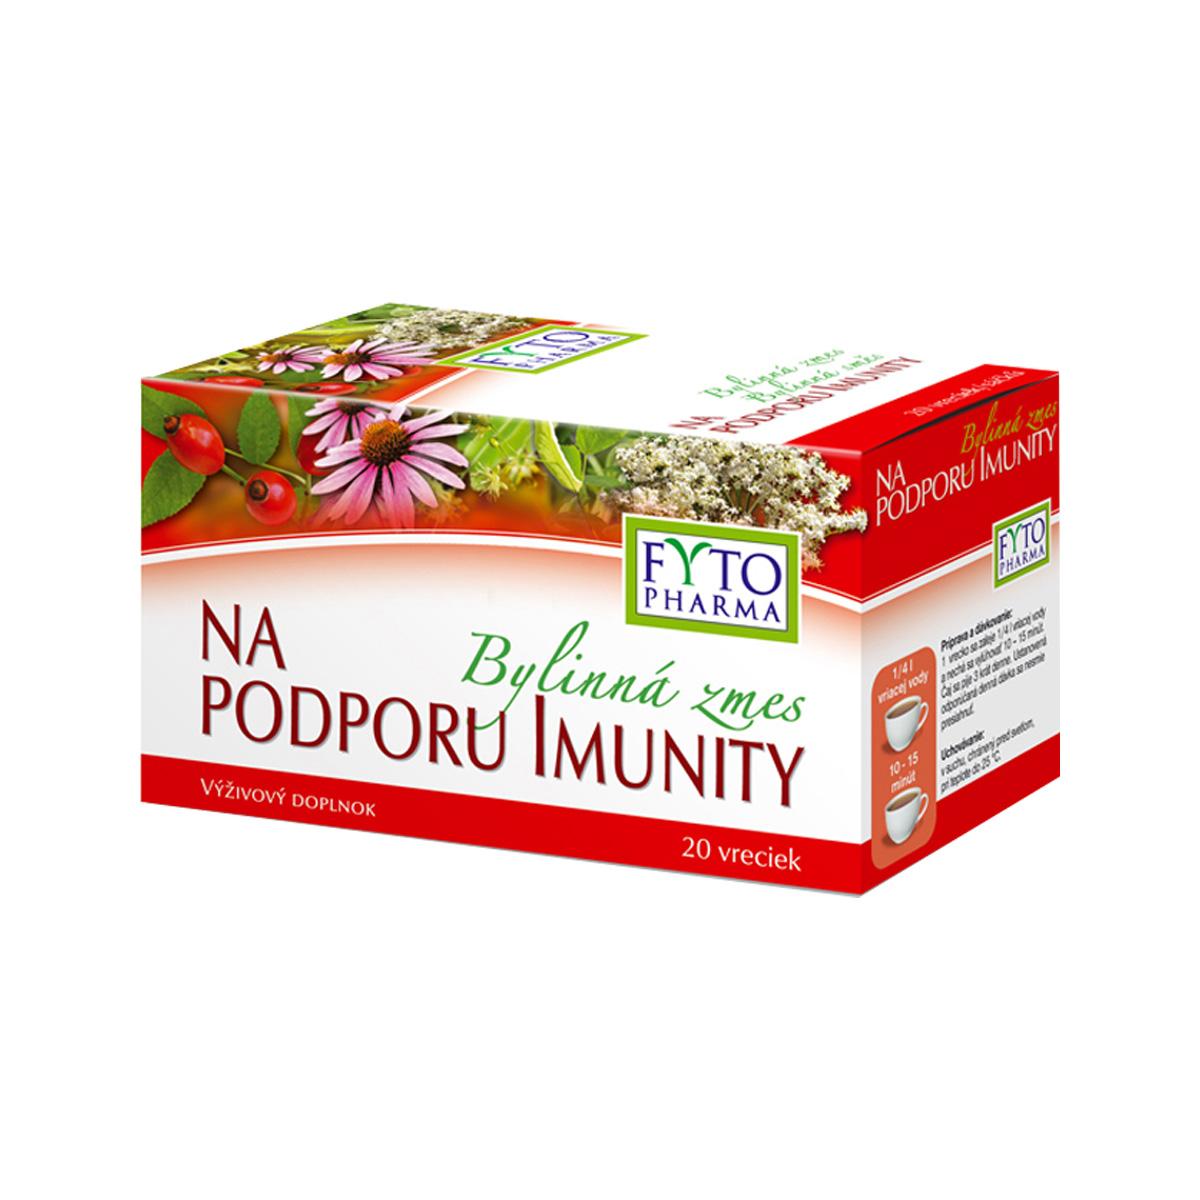 Fytopharma Bylinná směs na podporu imunity 20 x 1,5 g